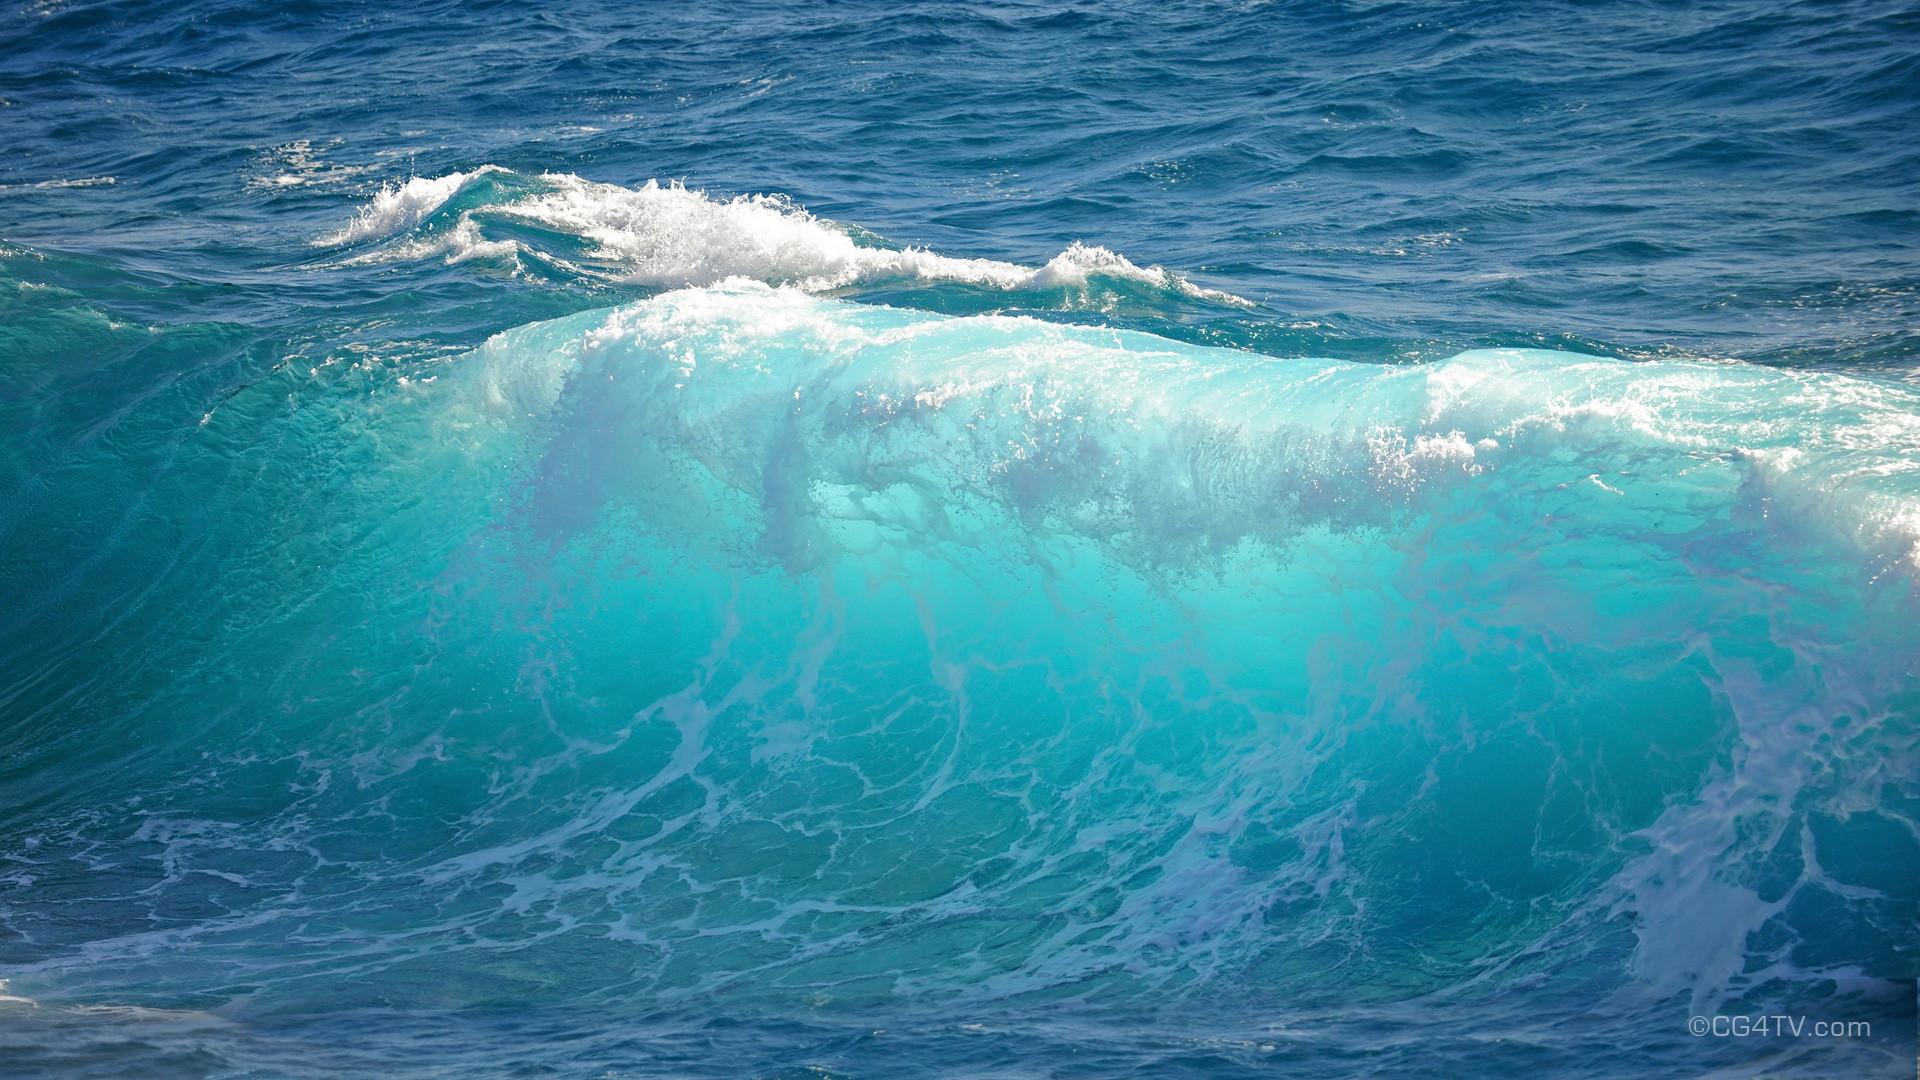 Free Ocean Waves Wallpaper